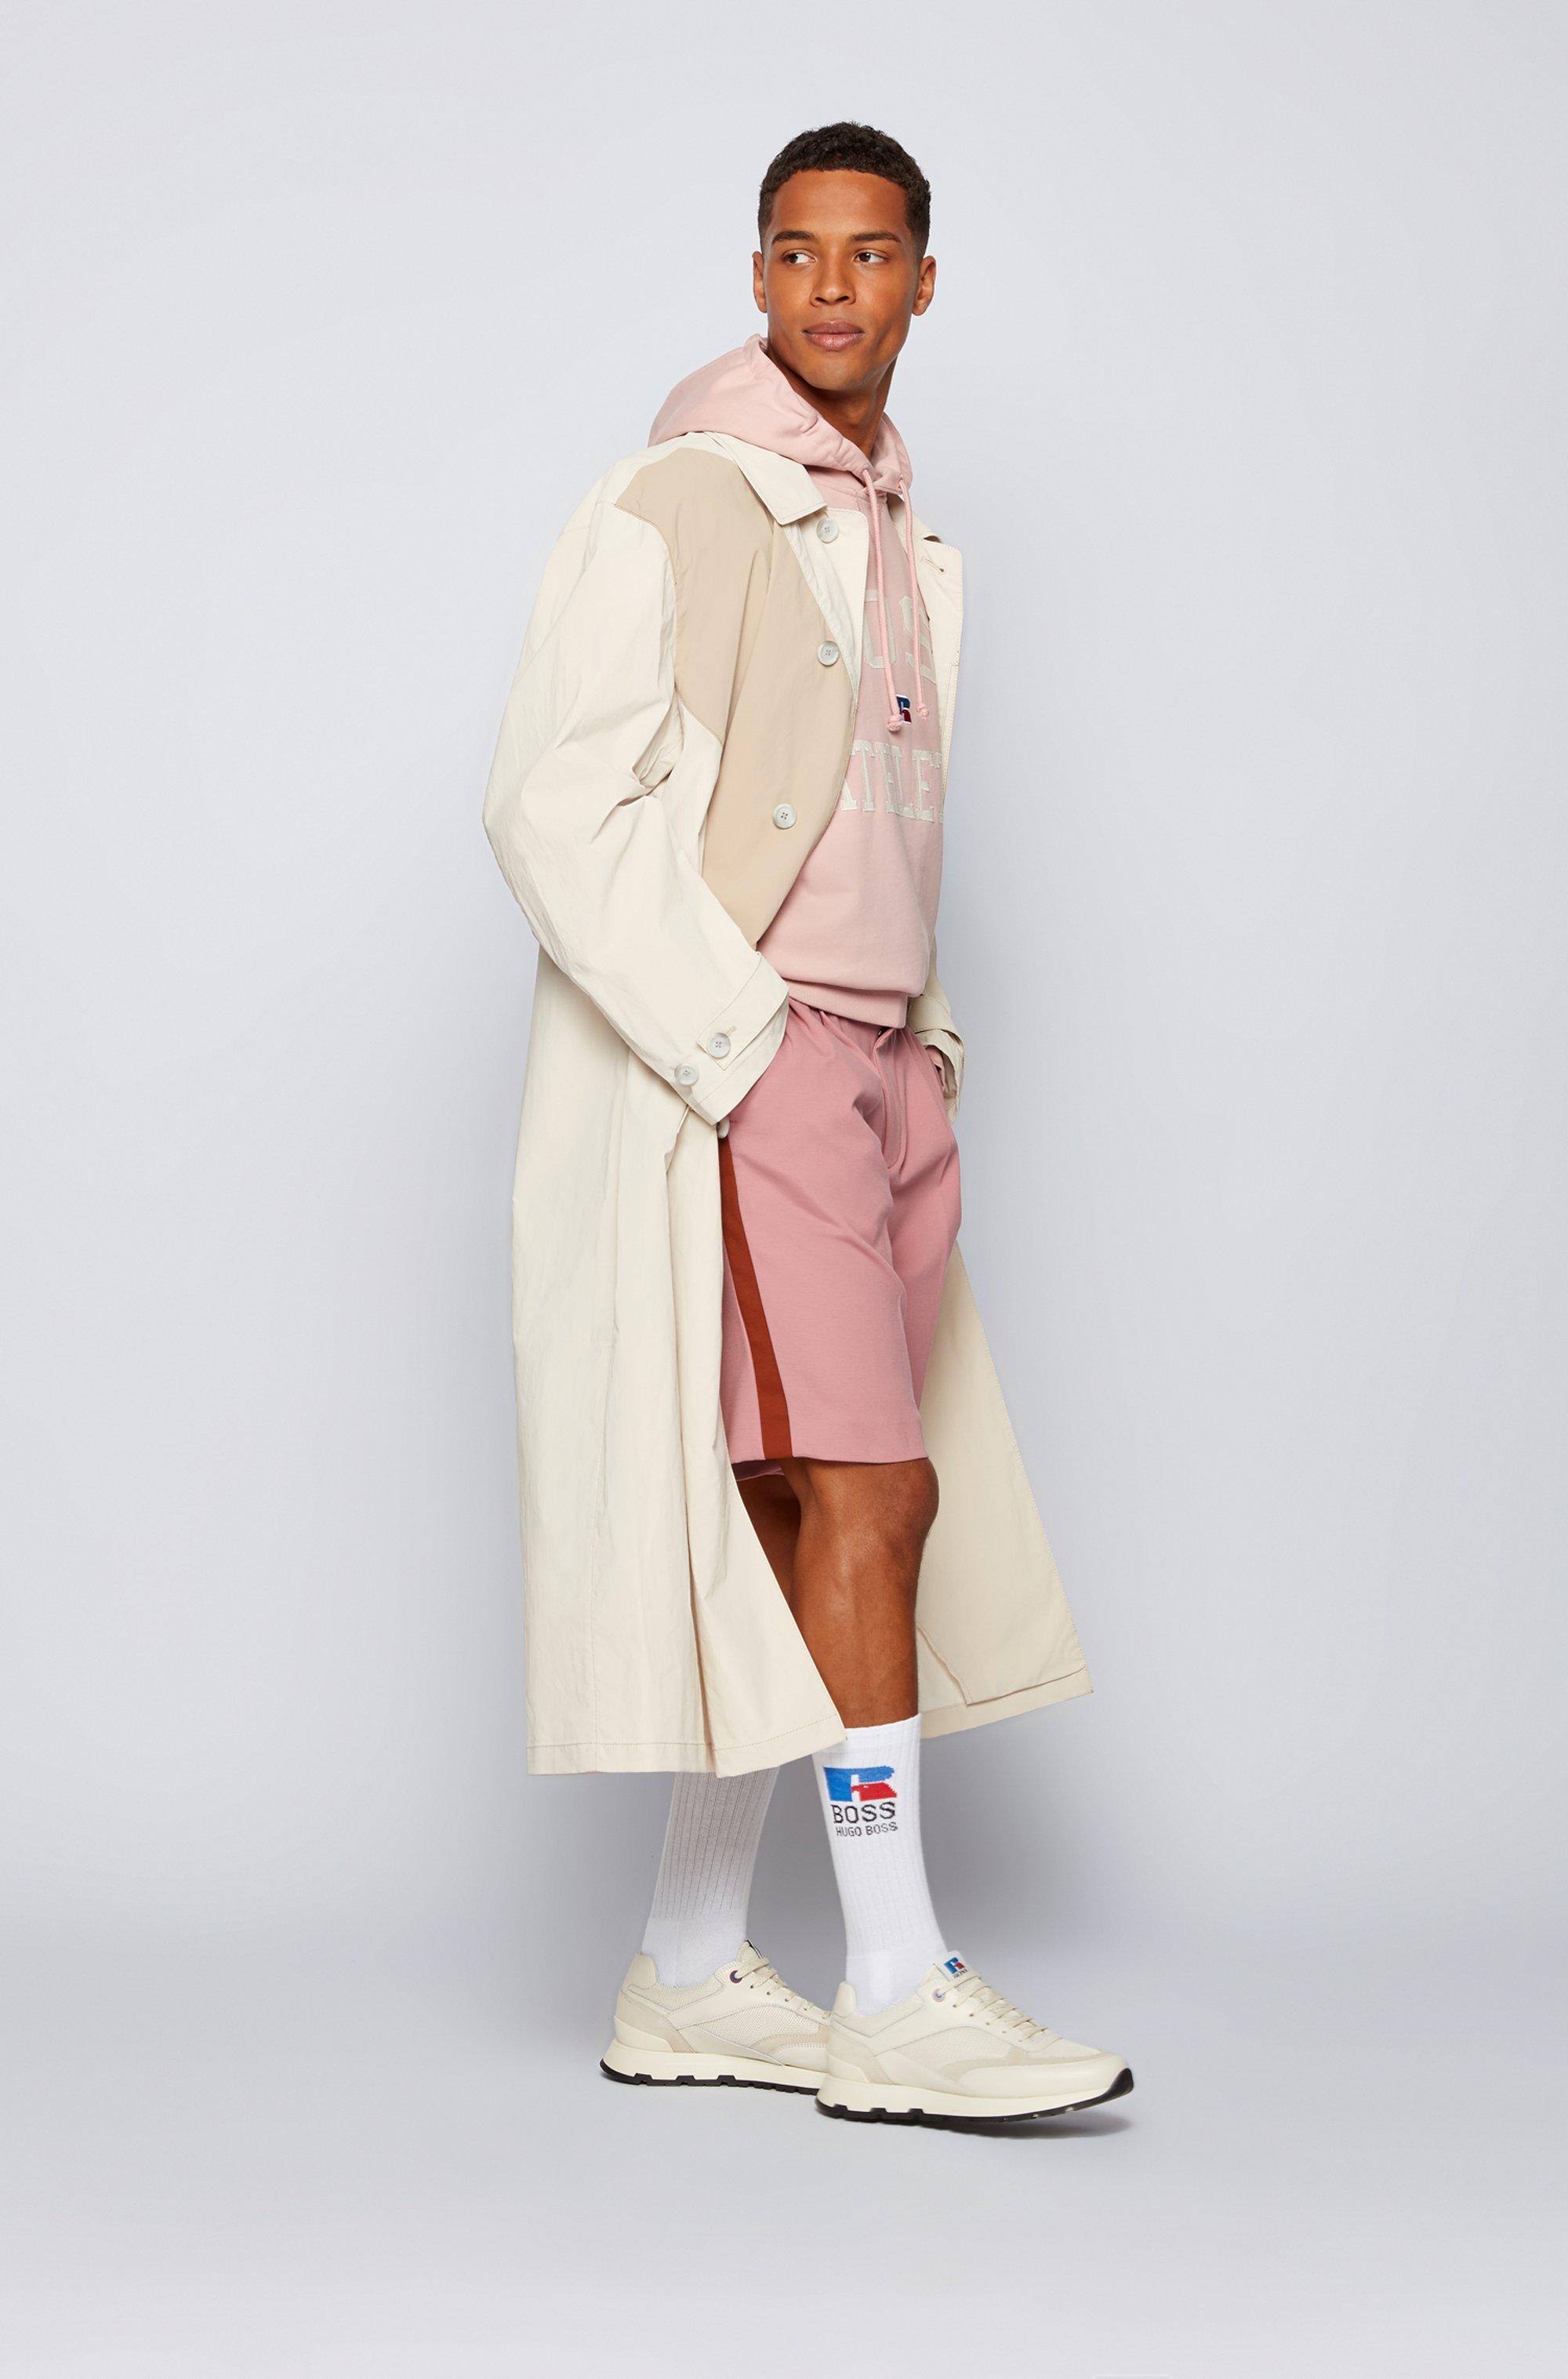 Mantel aus beschichteter Baumwolle mit tonalem Streifen